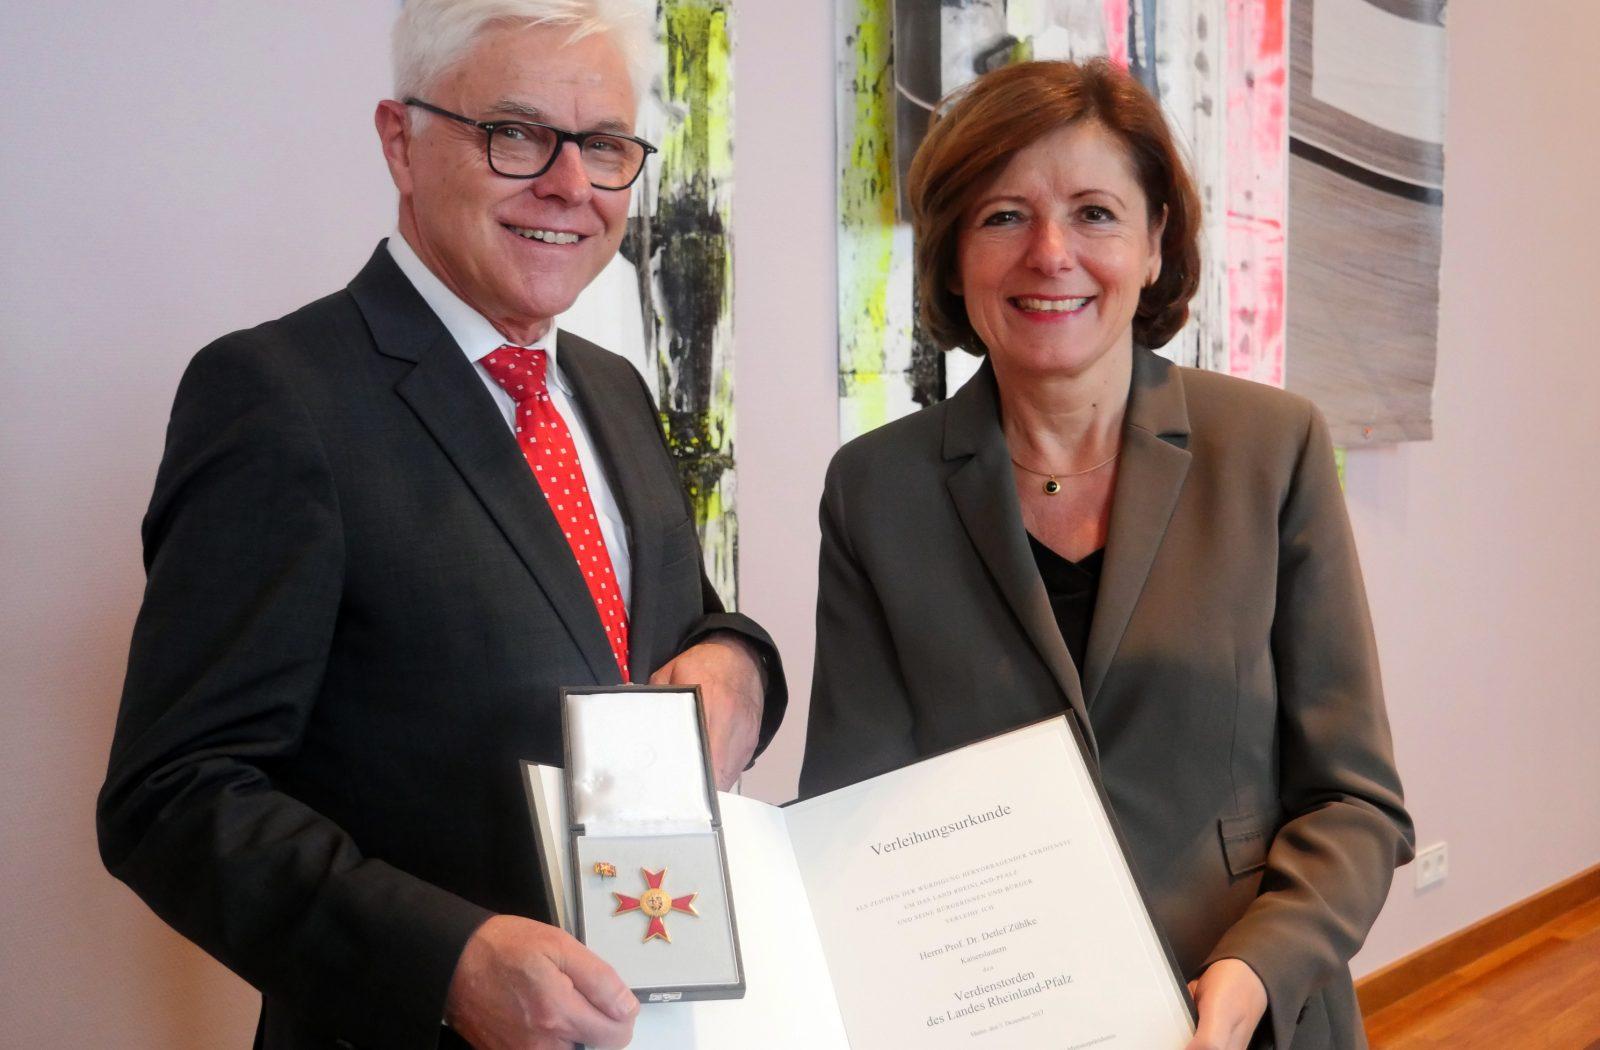 Landesverdienstorden für Prof. Dr. Detlef Zühlke